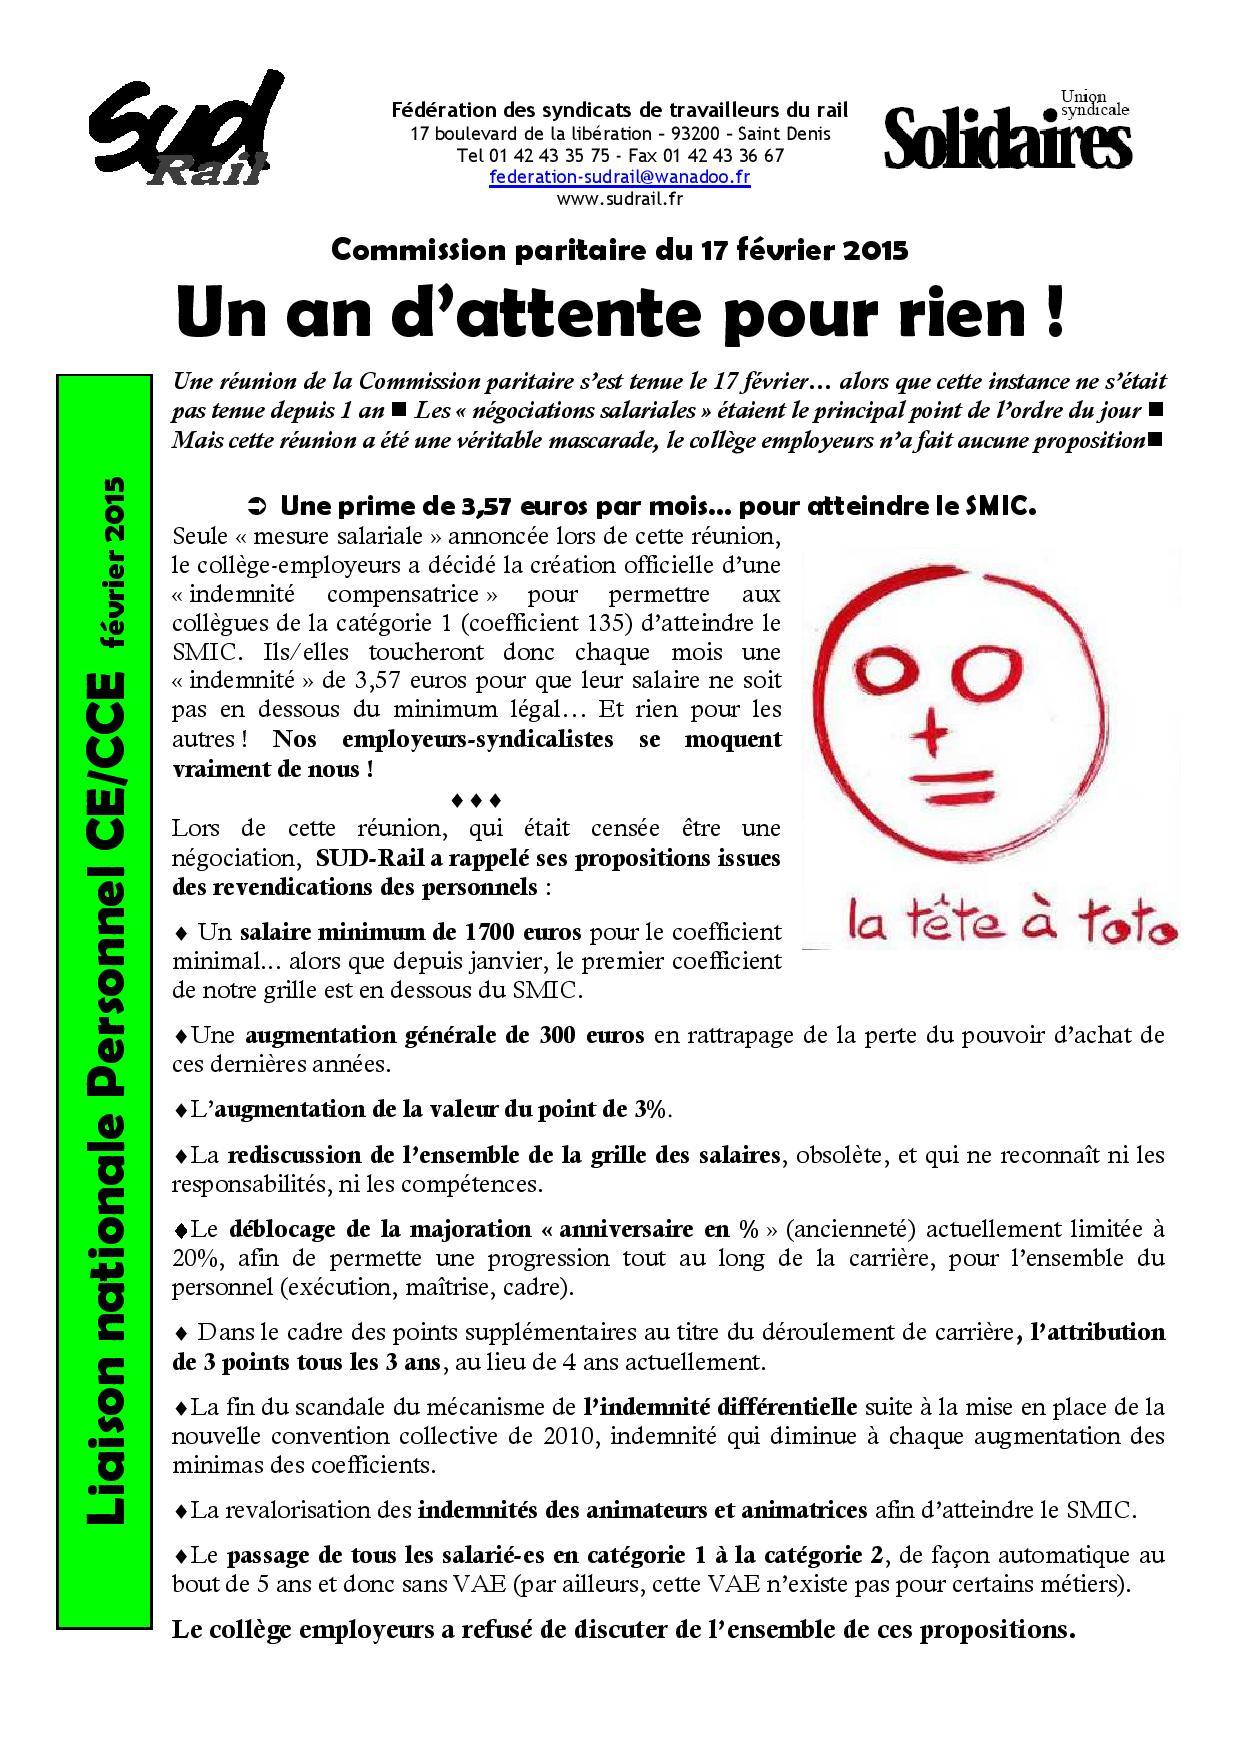 ce-cce com paritaire 02-2015-page-001